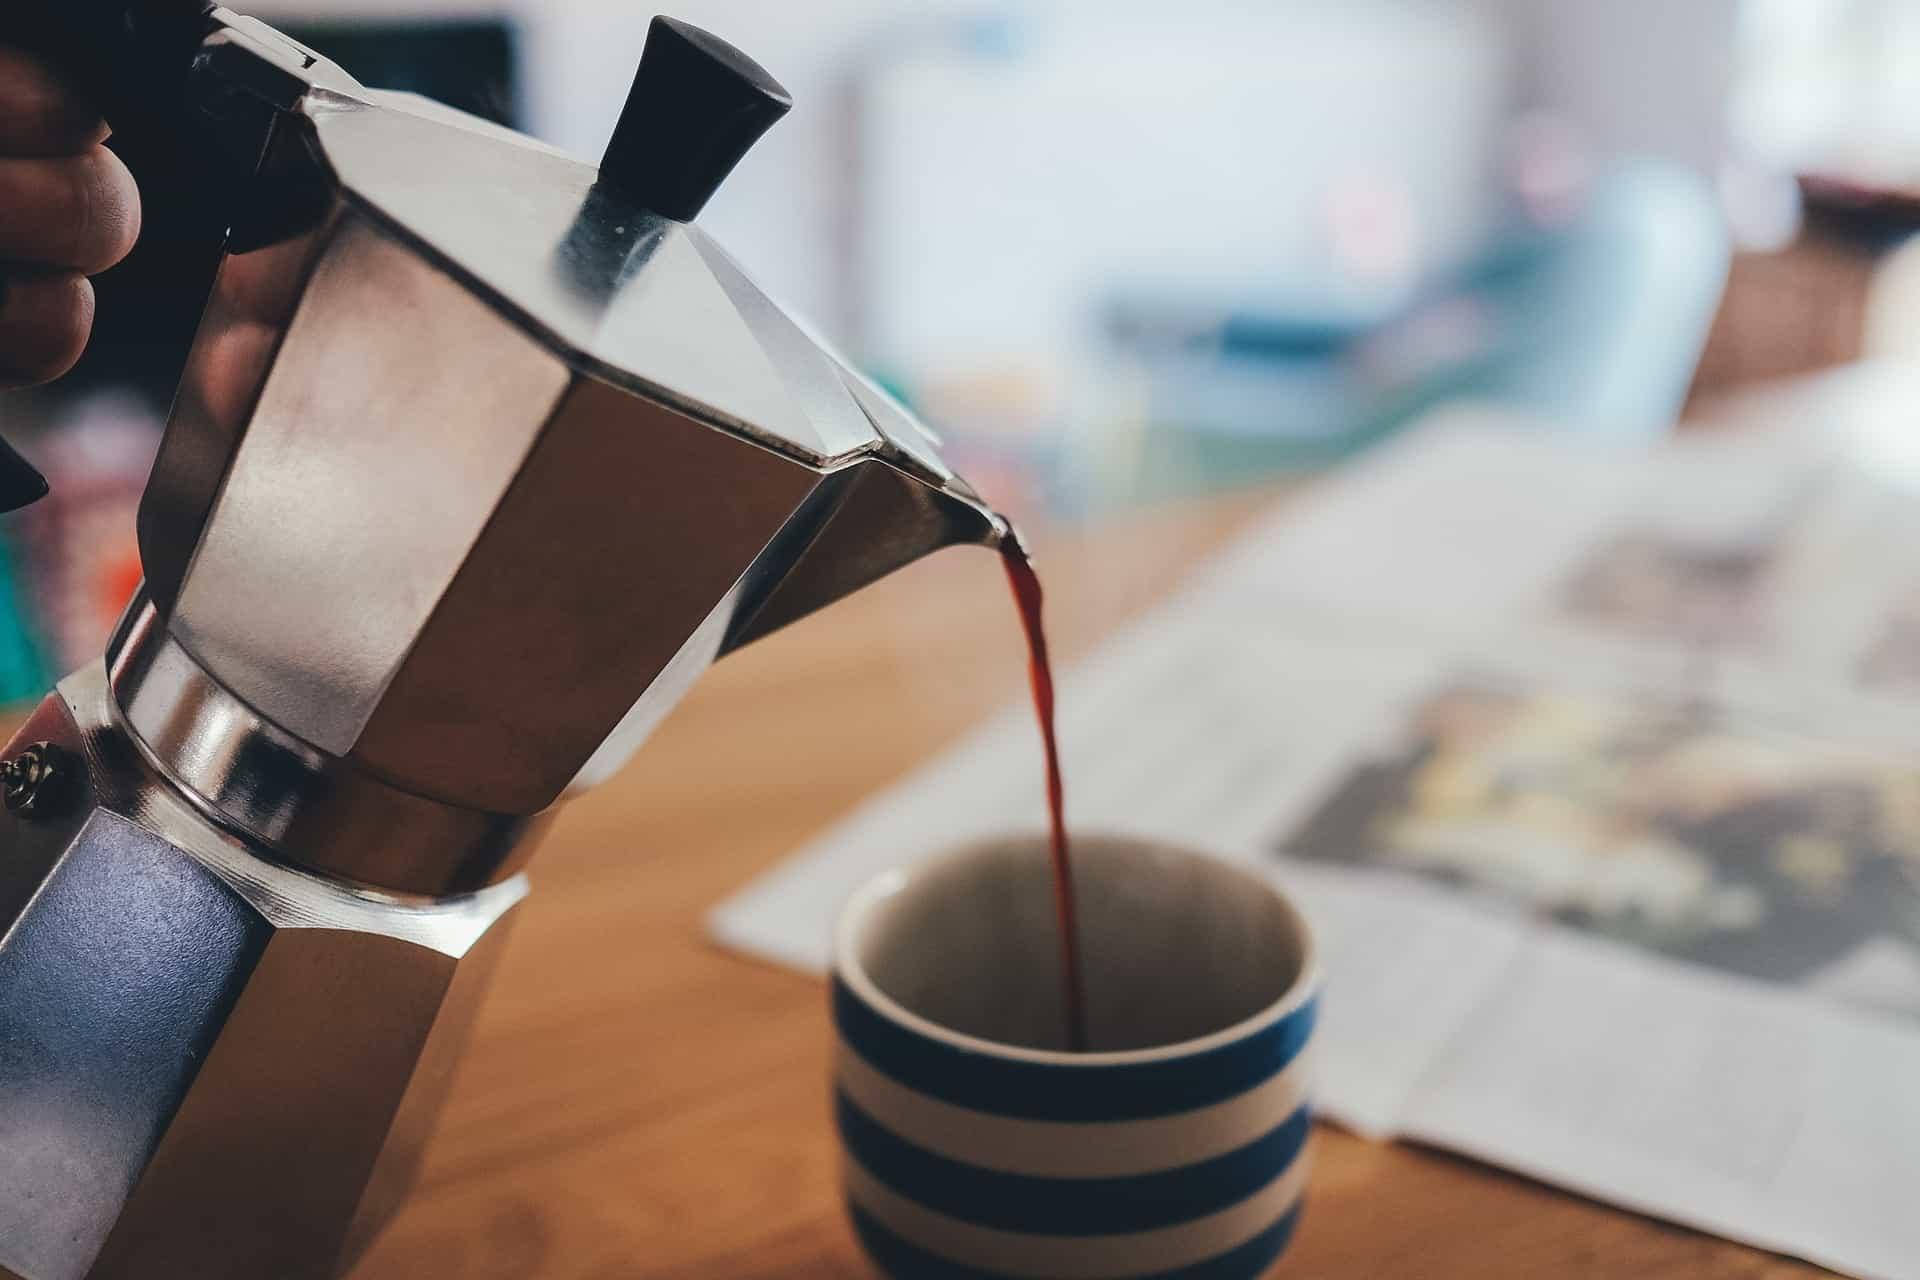 Café sendo servido na xícara com uma cafeteira italiana.